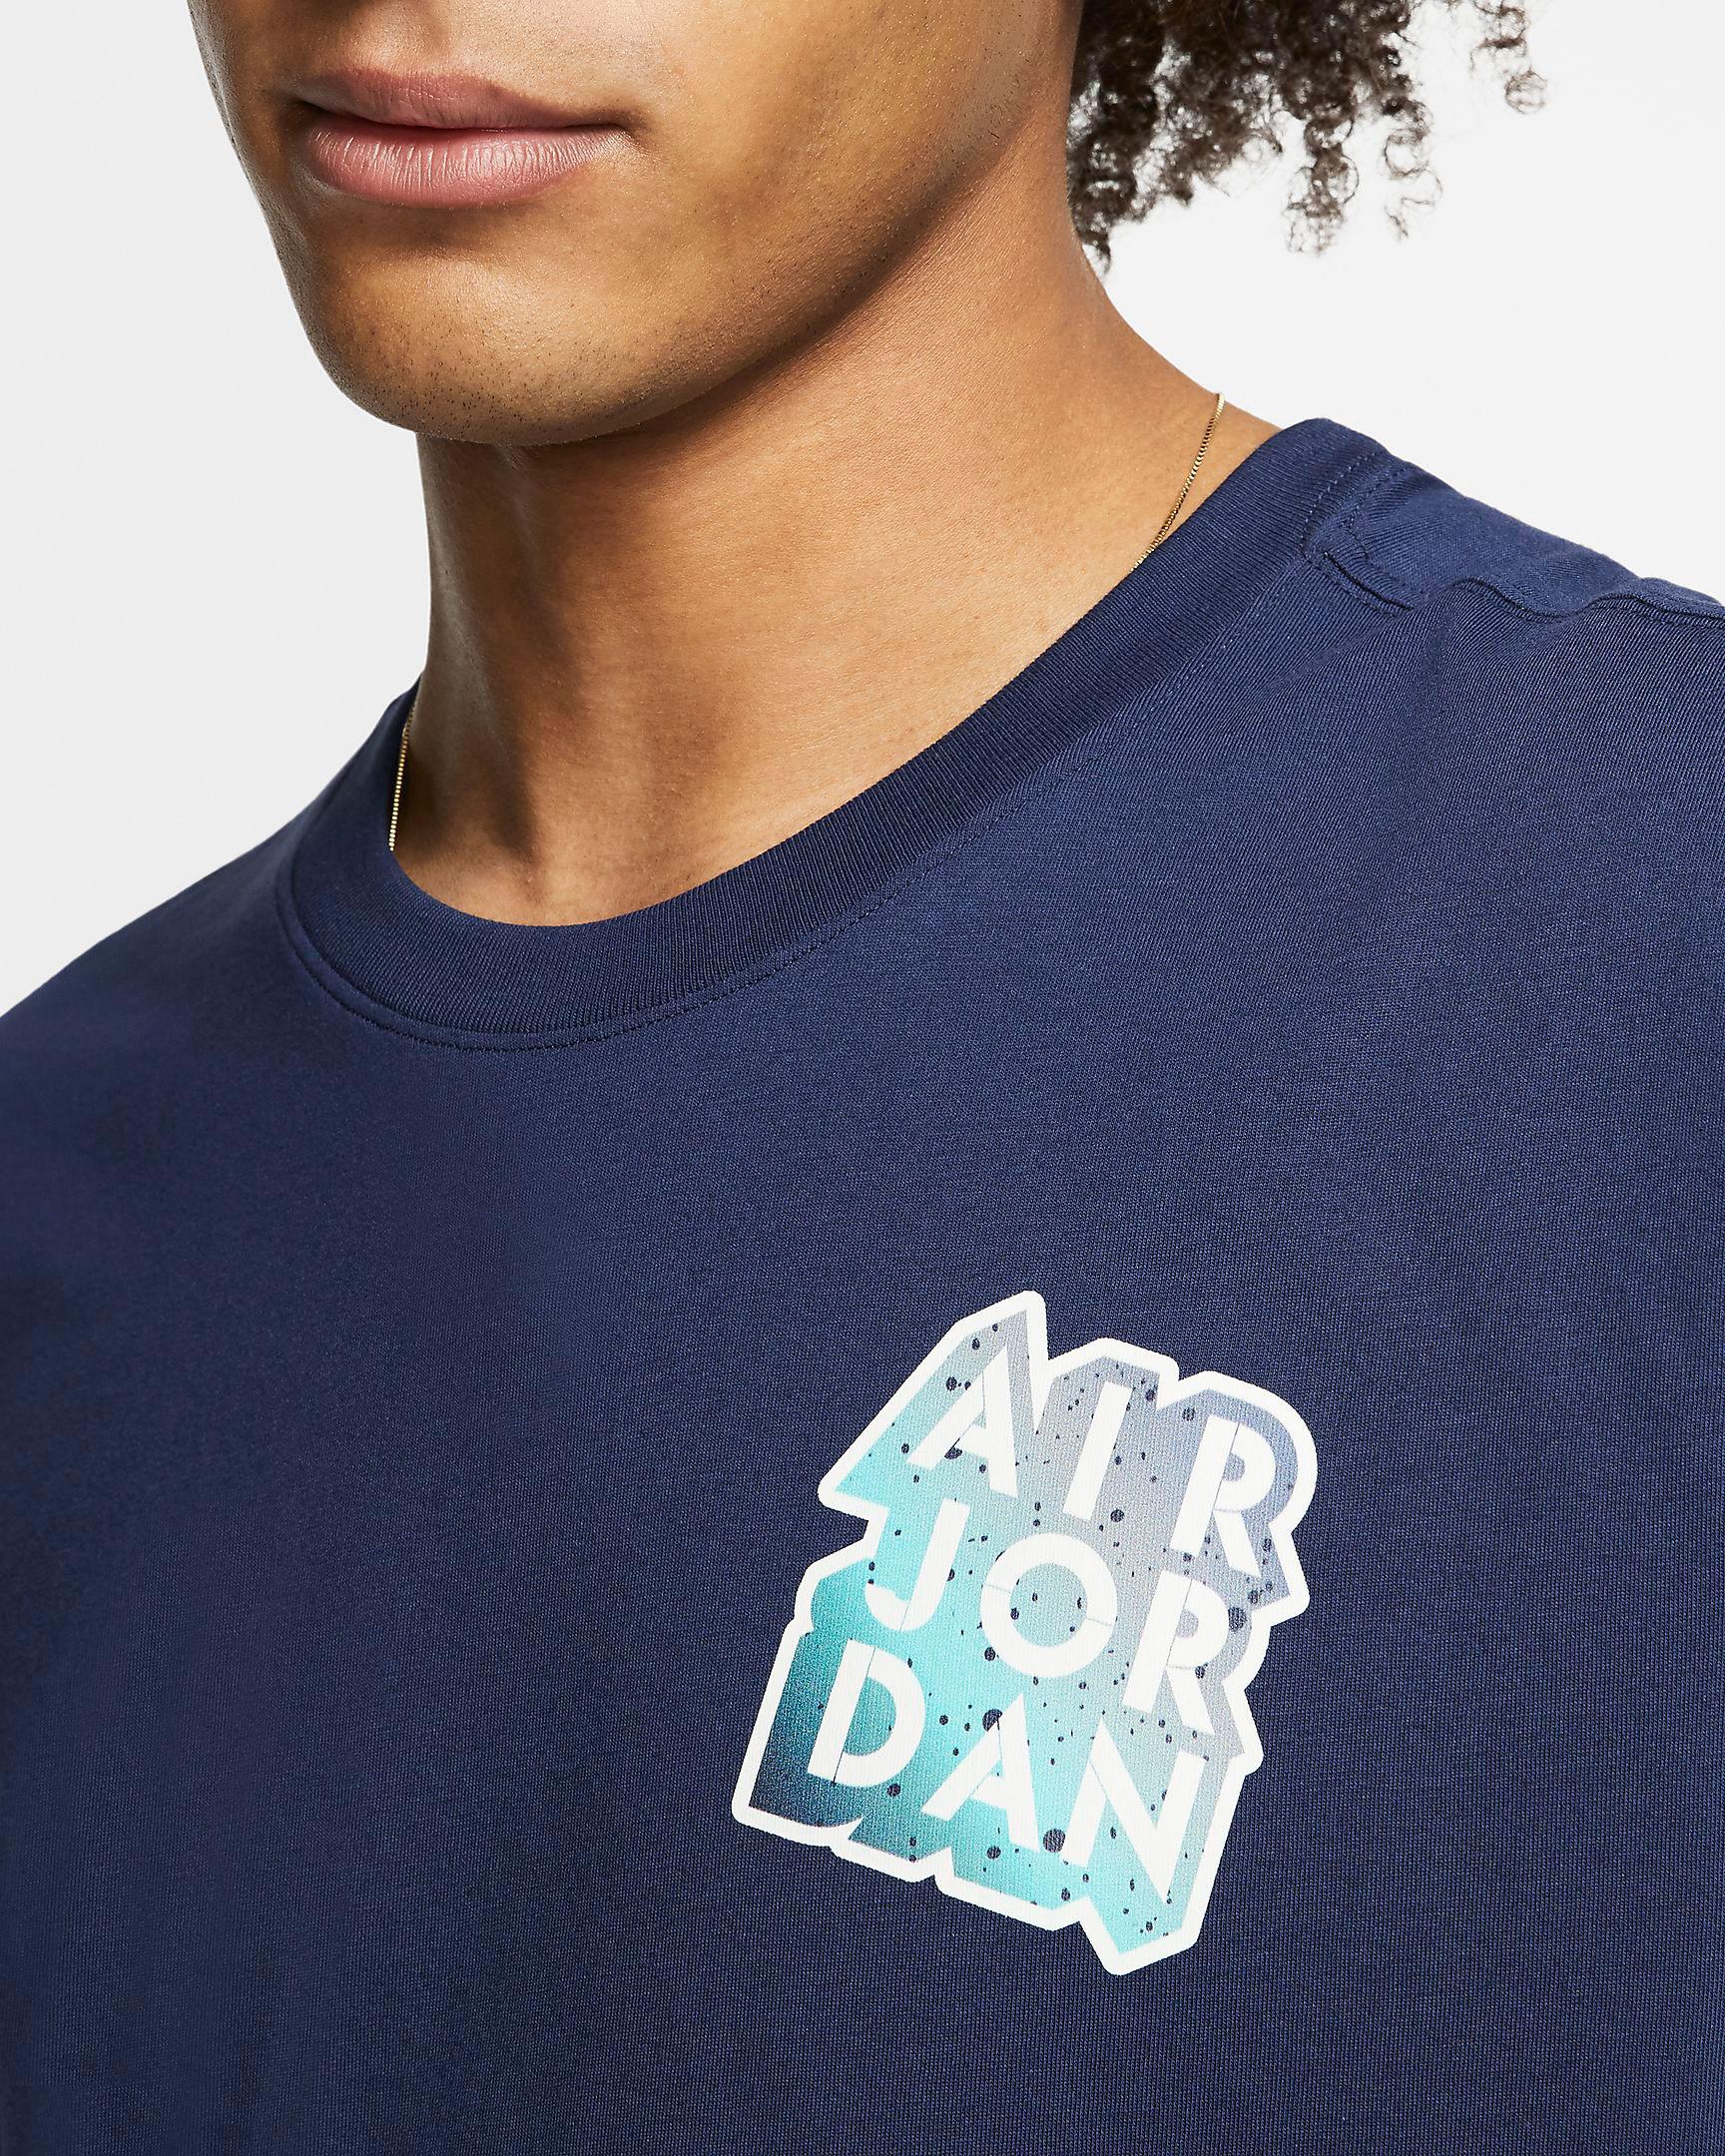 jordan-13-flint-navy-shirt-match-3